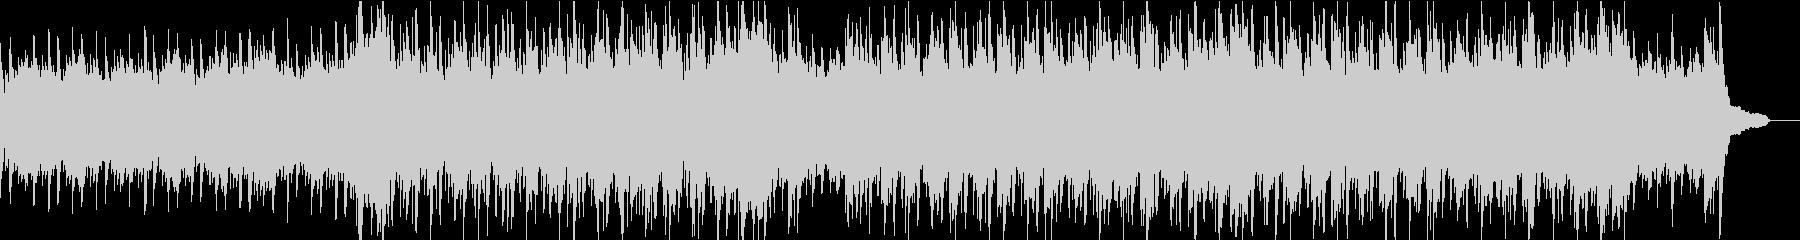 温かく切ない感動ピアノ管弦楽4高音弦ぬきの未再生の波形